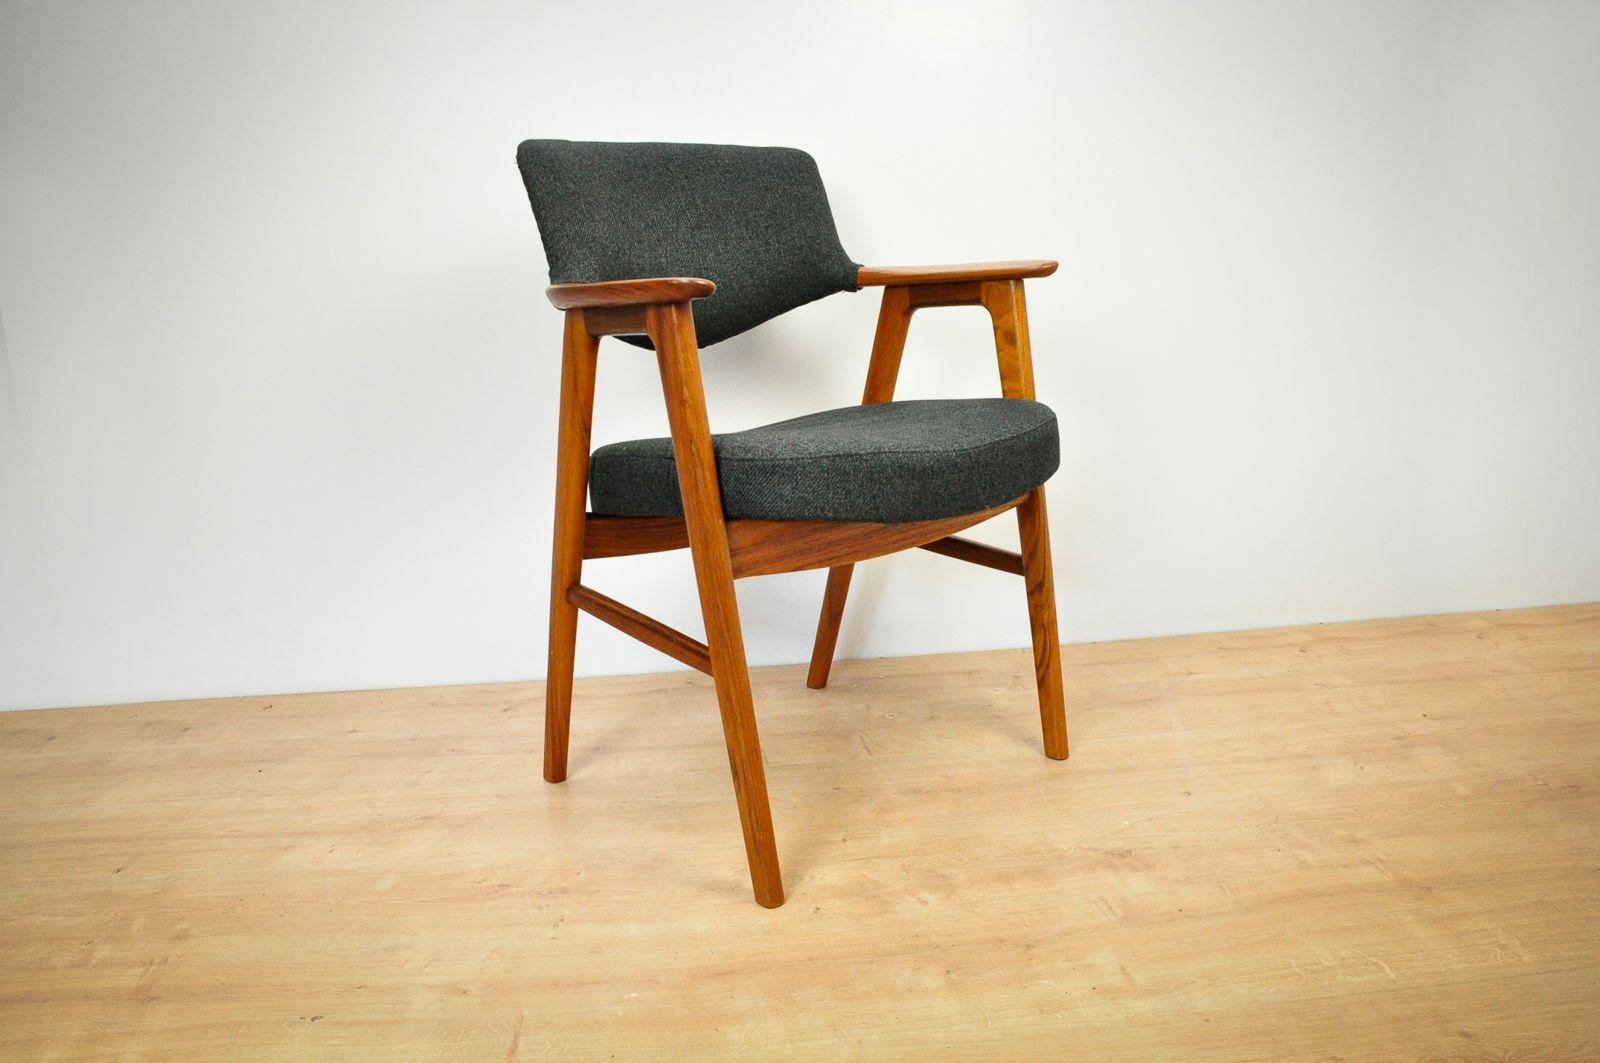 vintage-armchair-in-teak-by-erik-kirkegaard-for-høng-stolefabrik3